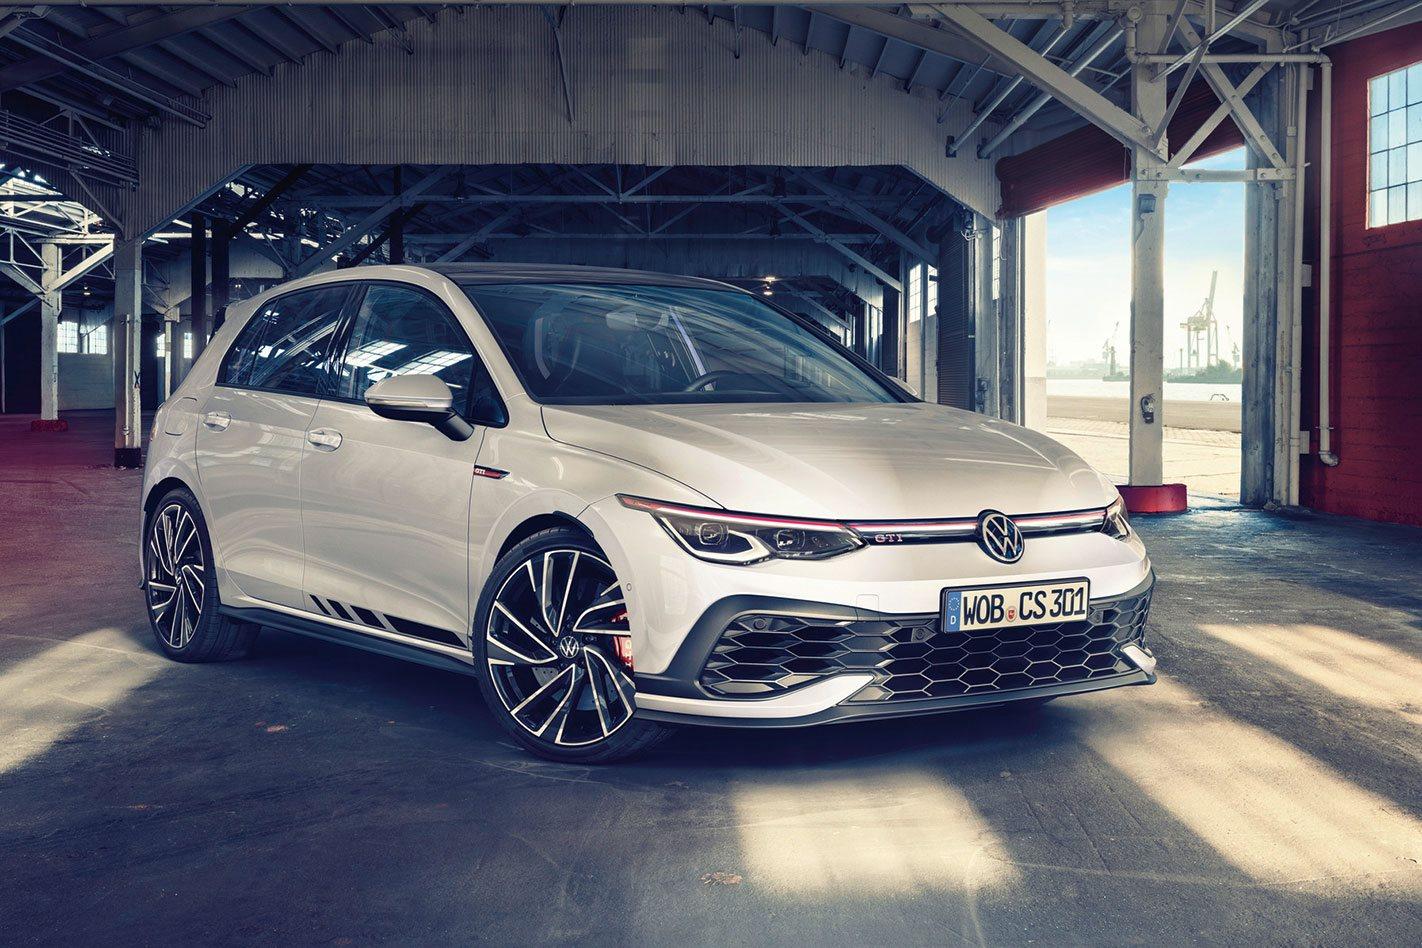 2021 Volkswagen Golf Gti Clubsport Detailed